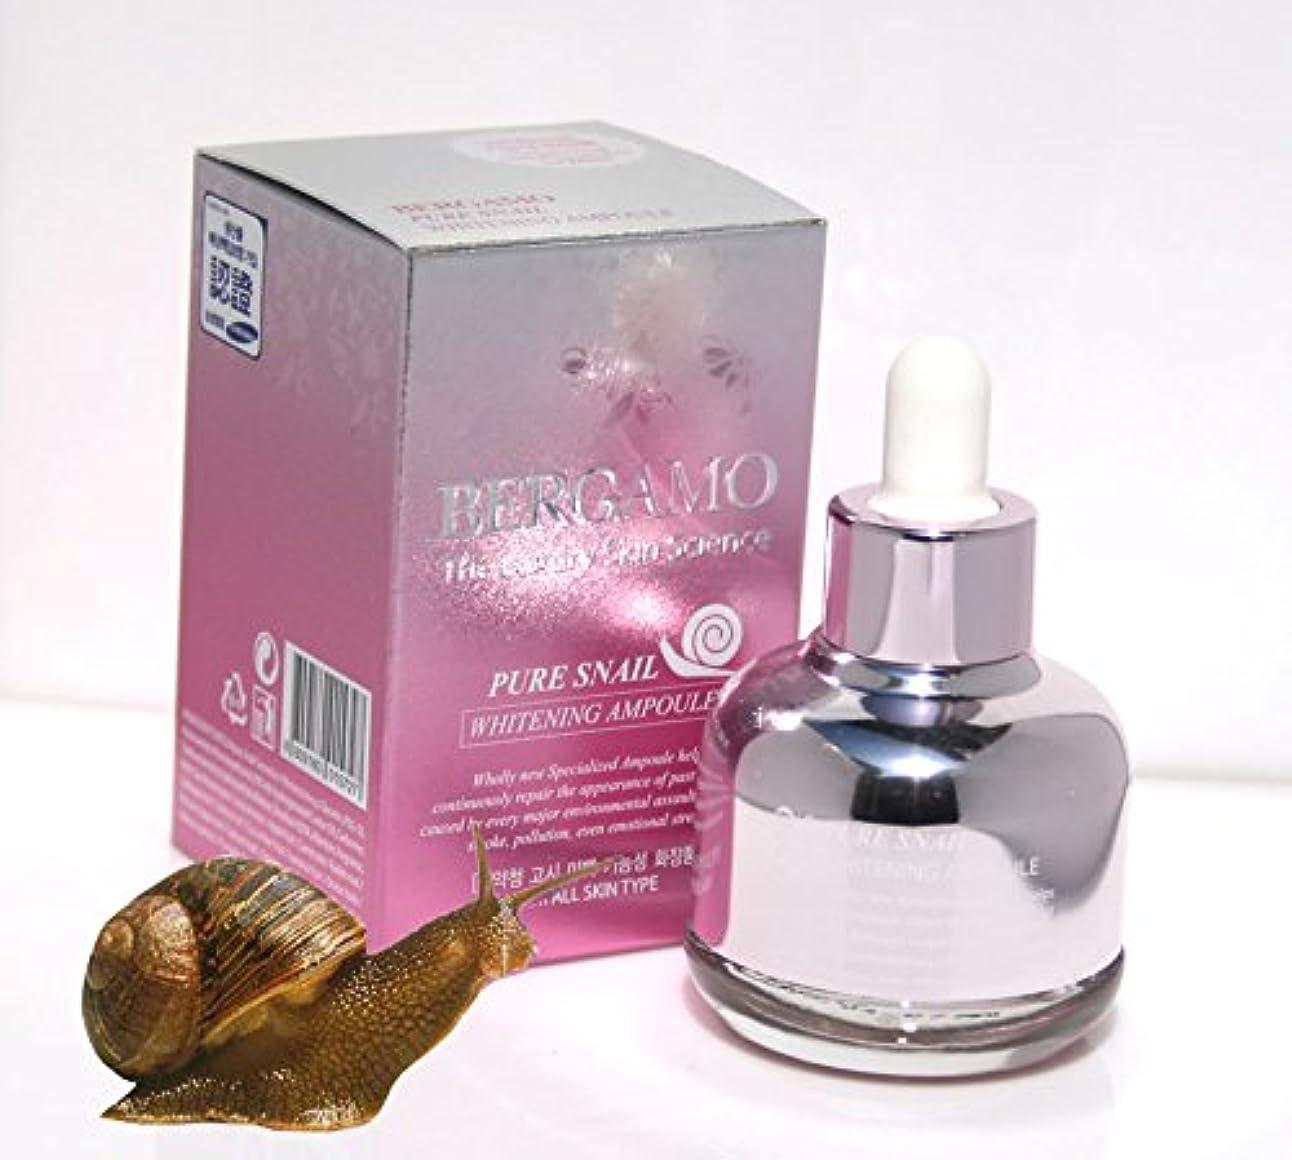 【ベルガモ][Bergamo] 高級スキン科学は純粋なカタツムリホワイトニングアンプル30ml / the Luxury Skin Science Pure Snail Whitening Ampoule 30ml /...